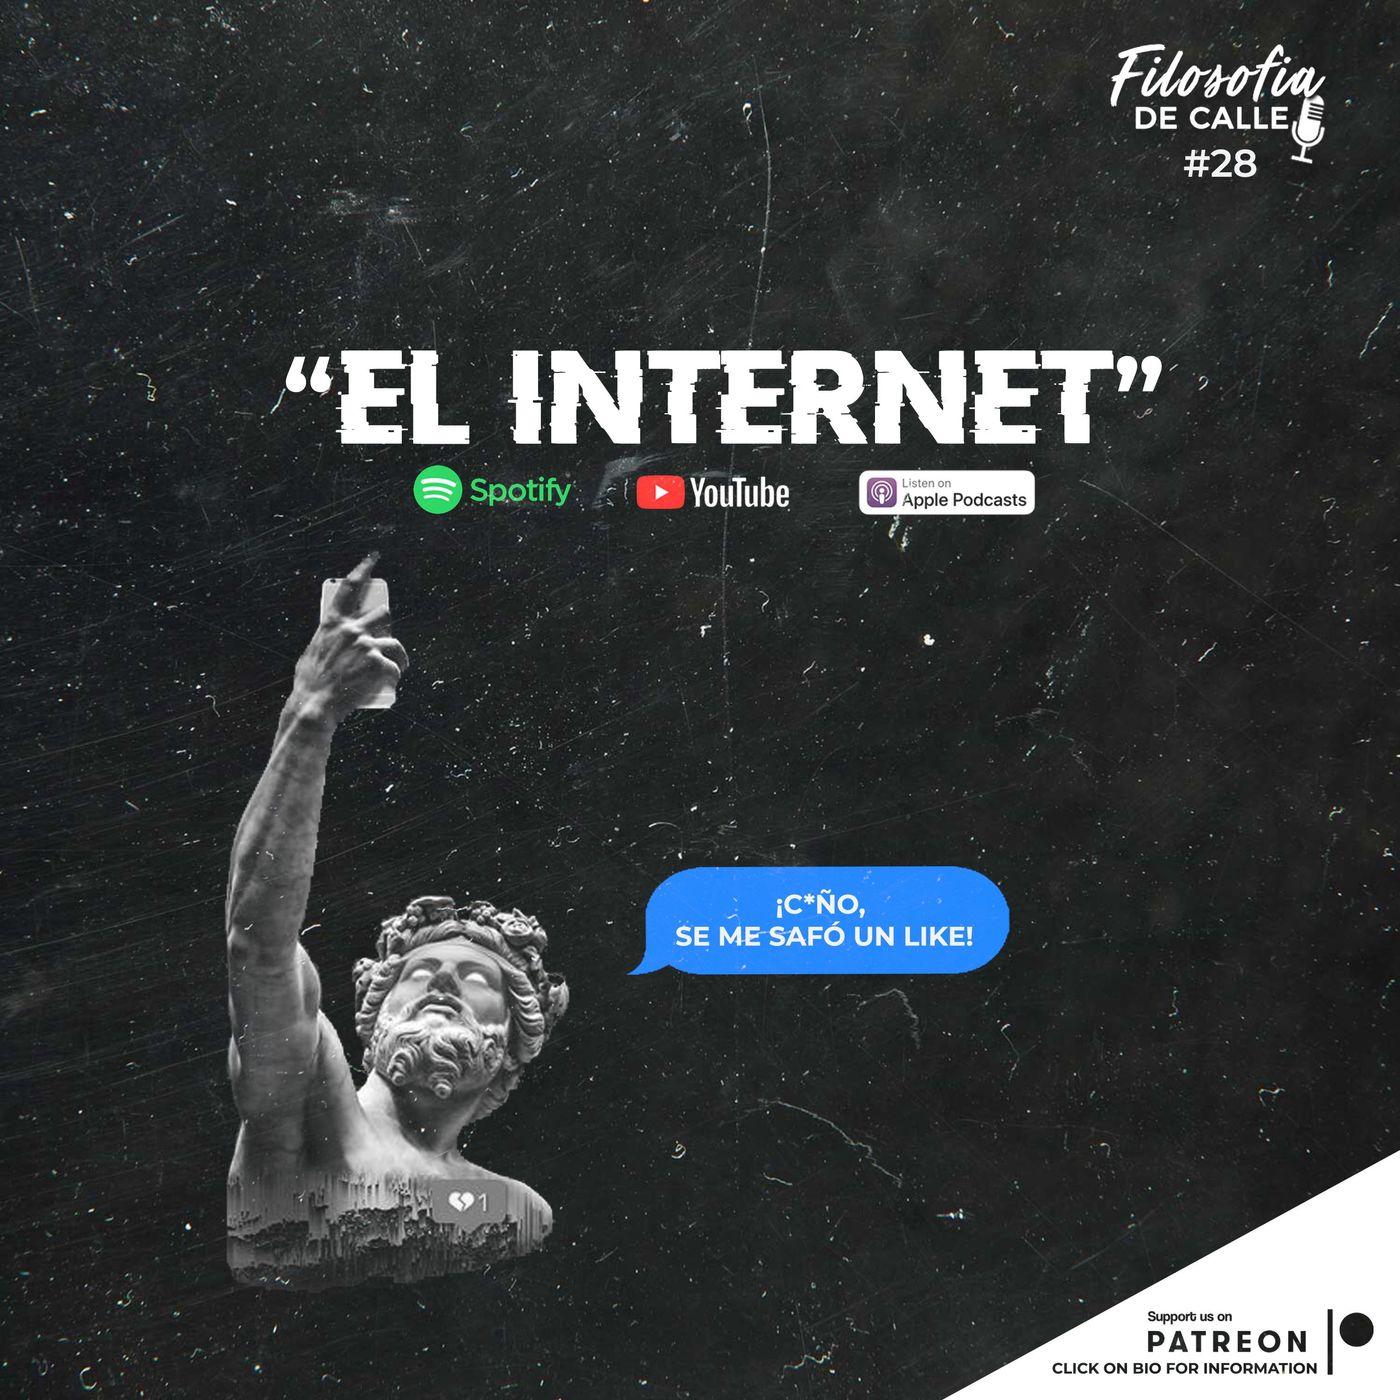 028. EL INTERNET